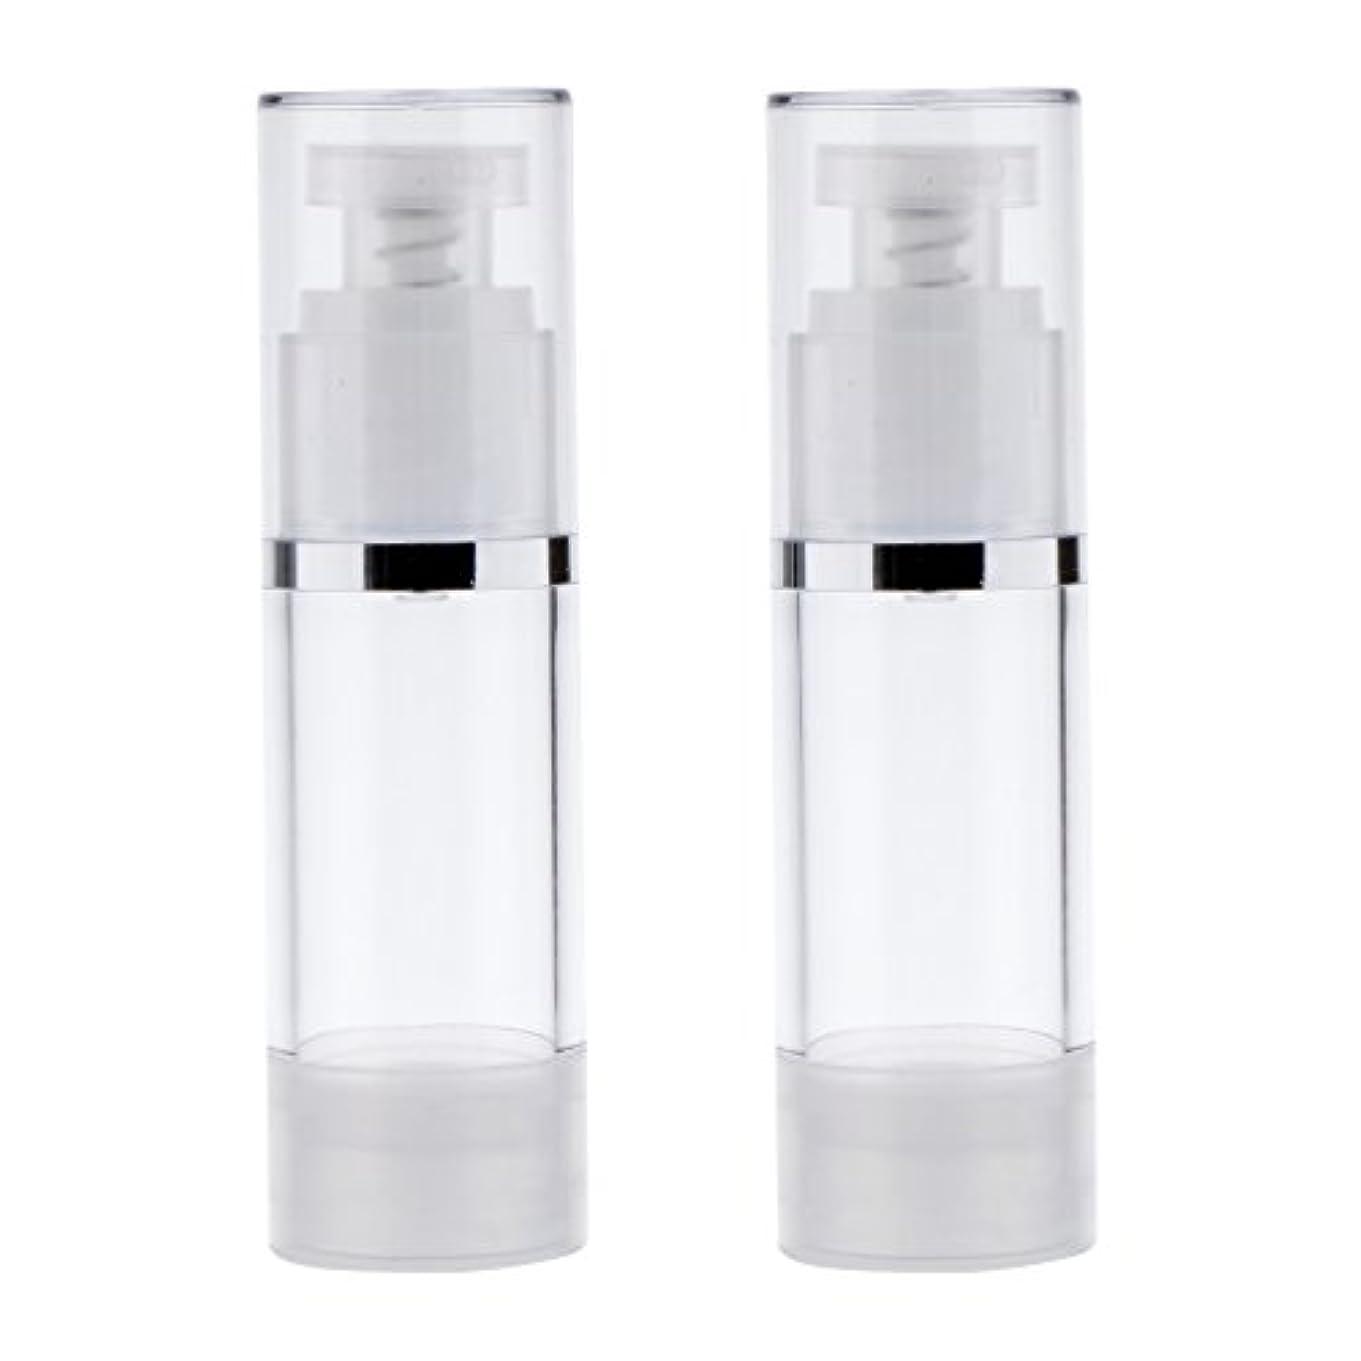 取り替える宿命火山の2個 ポンプボトル ポンプチューブ エアレスボトル ディスペンサー コスメ 詰替えボトル 旅行小物 出張 3サイズ選べる - 30ml